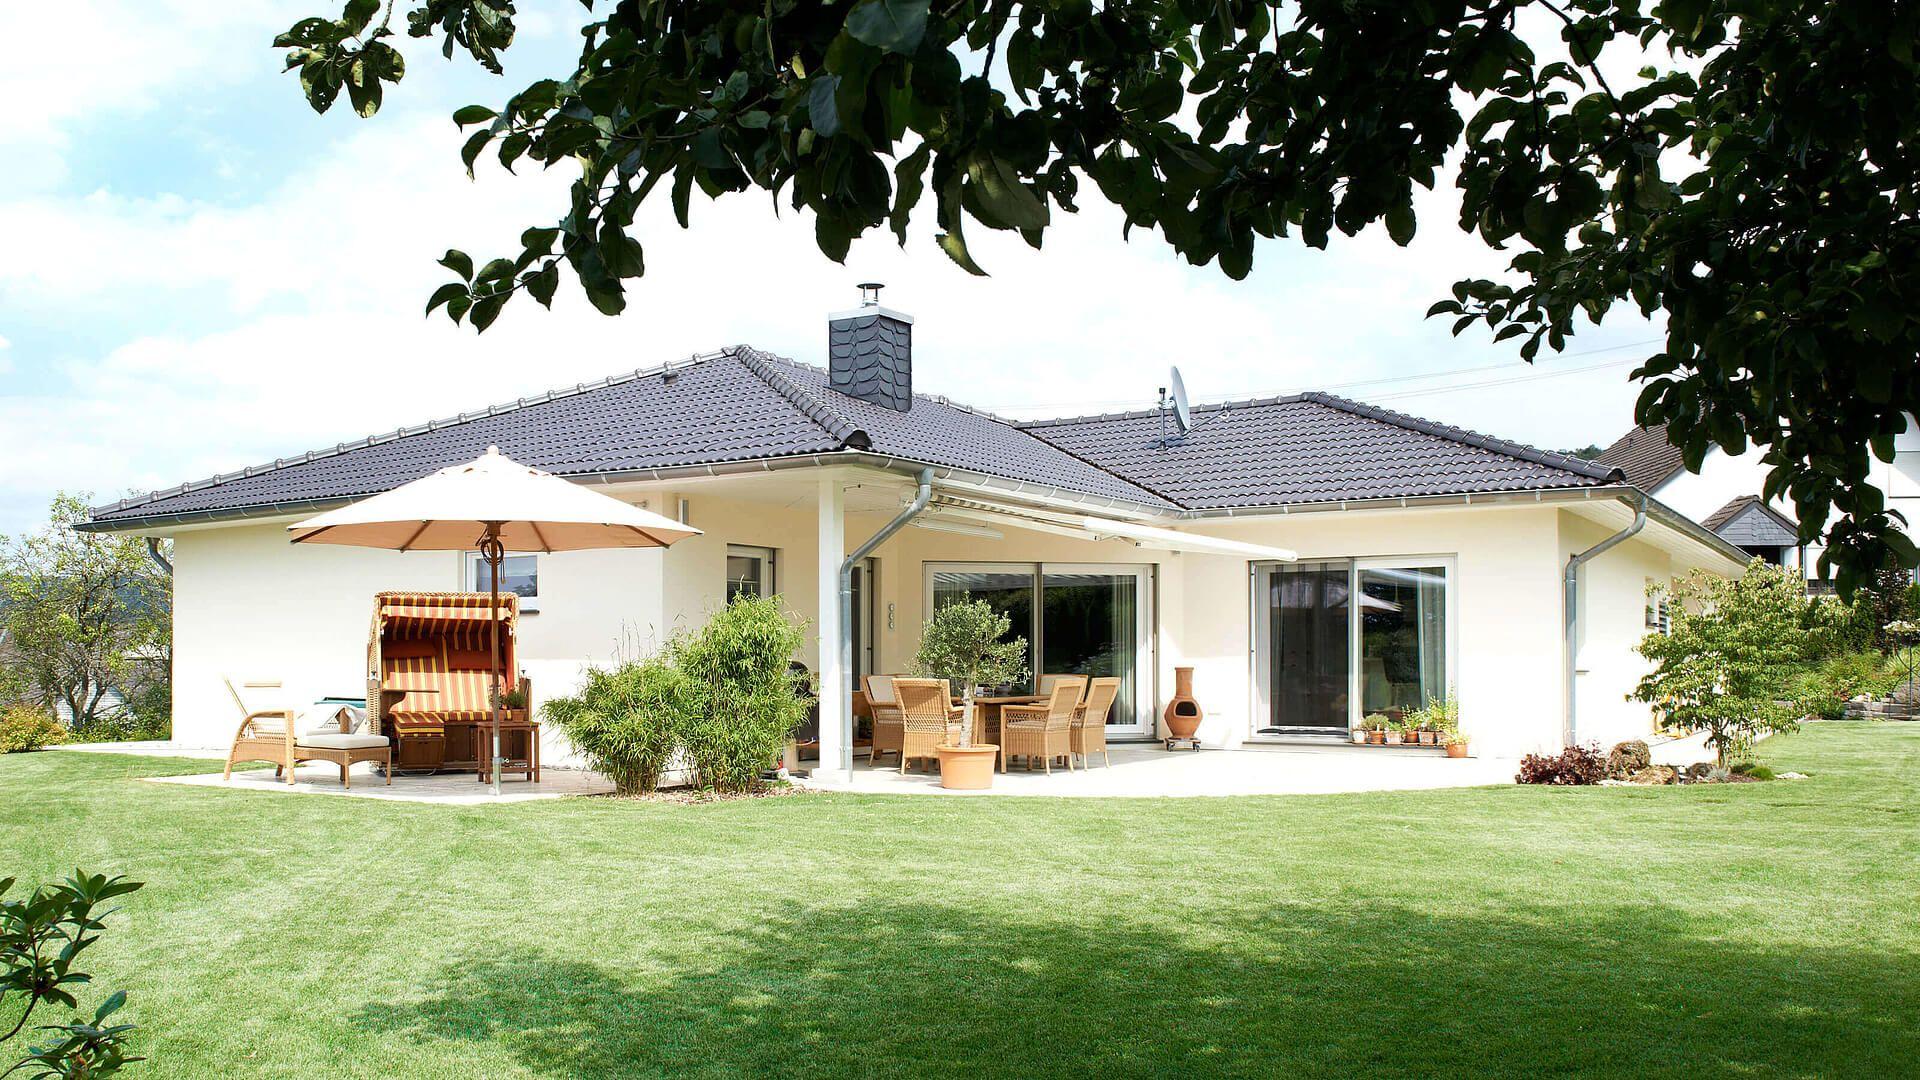 Fassadengestaltung einfamilienhaus schwarzes dach  Fingerhut Bungalow Einfamilienhaus hell verputzt schwarzes Dach ...